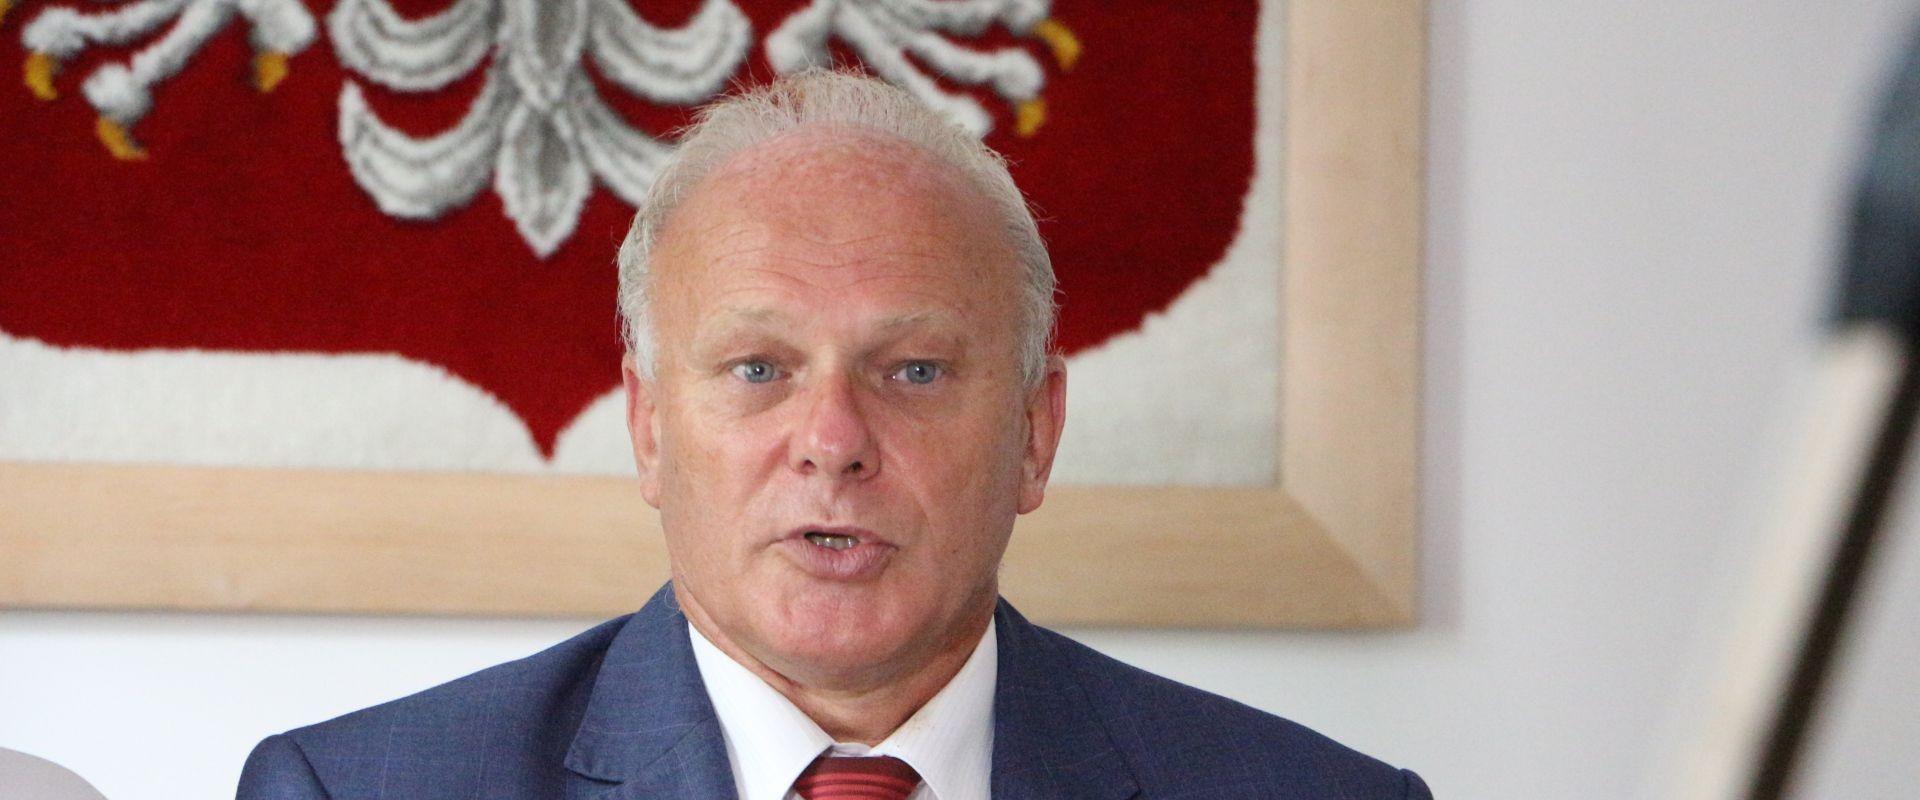 Wojewoda unieważnia zarządzenie burmistrza – złamał prawo